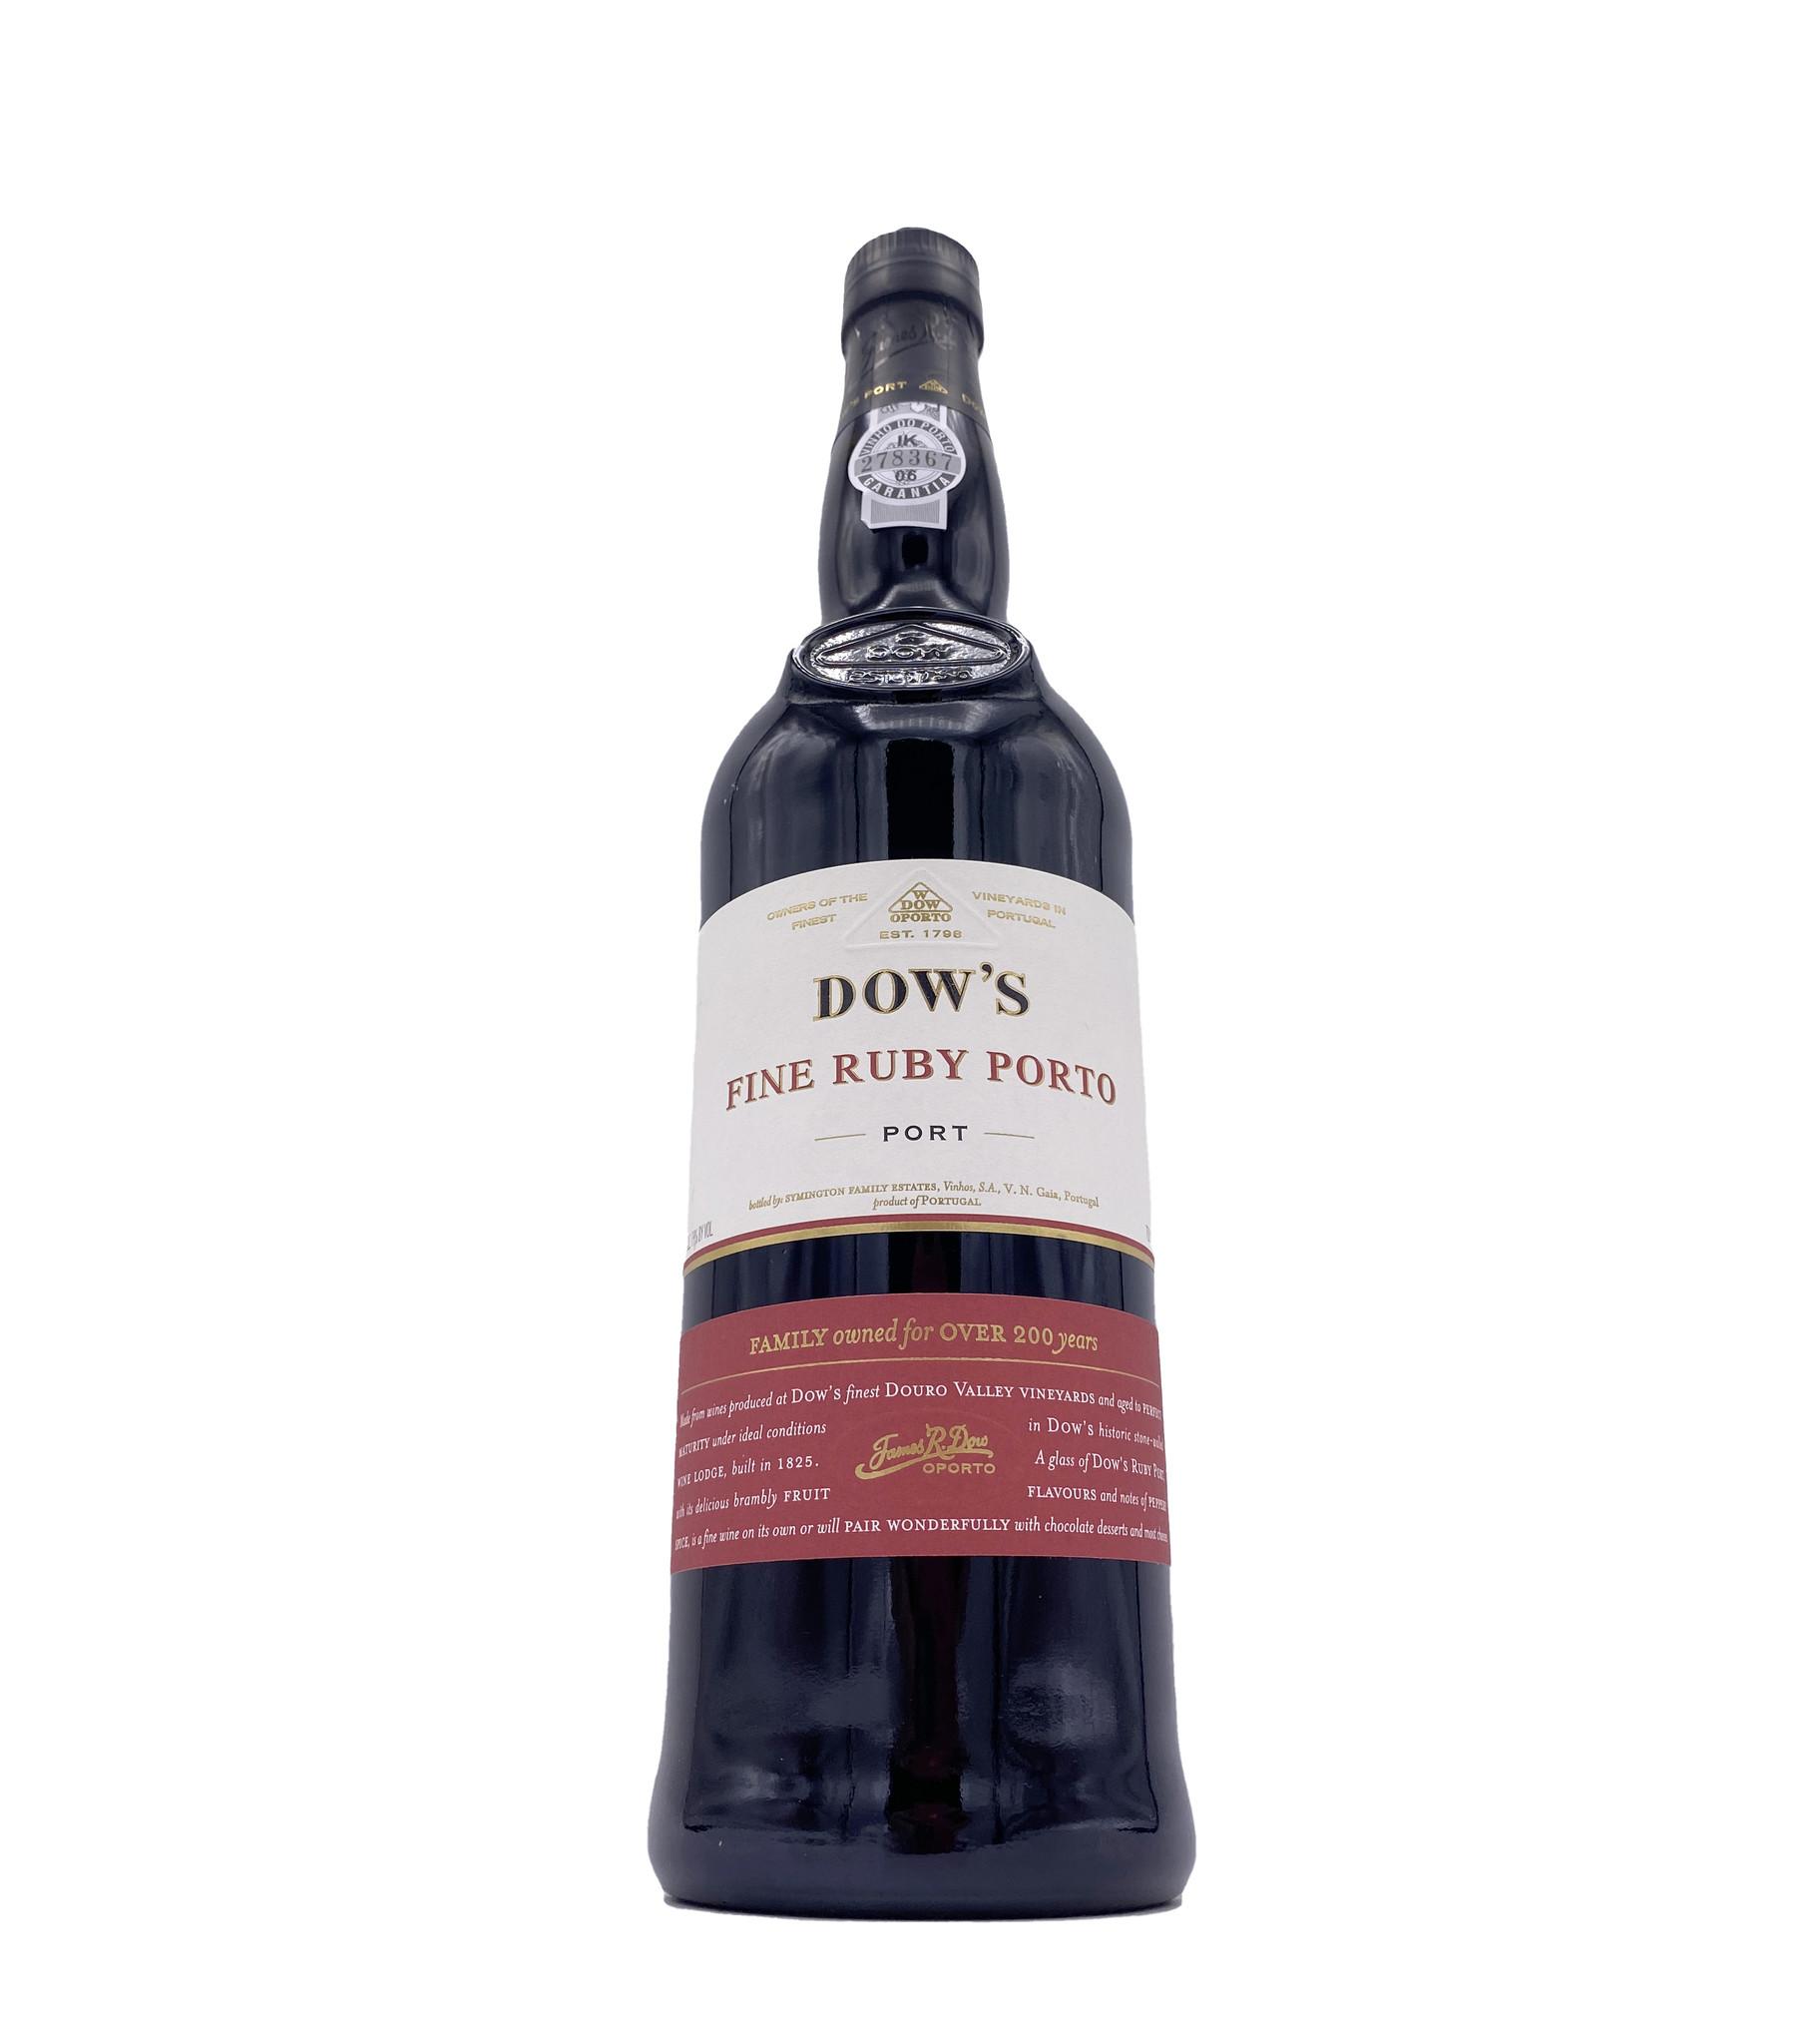 Fine Ruby Porto NV Dow's